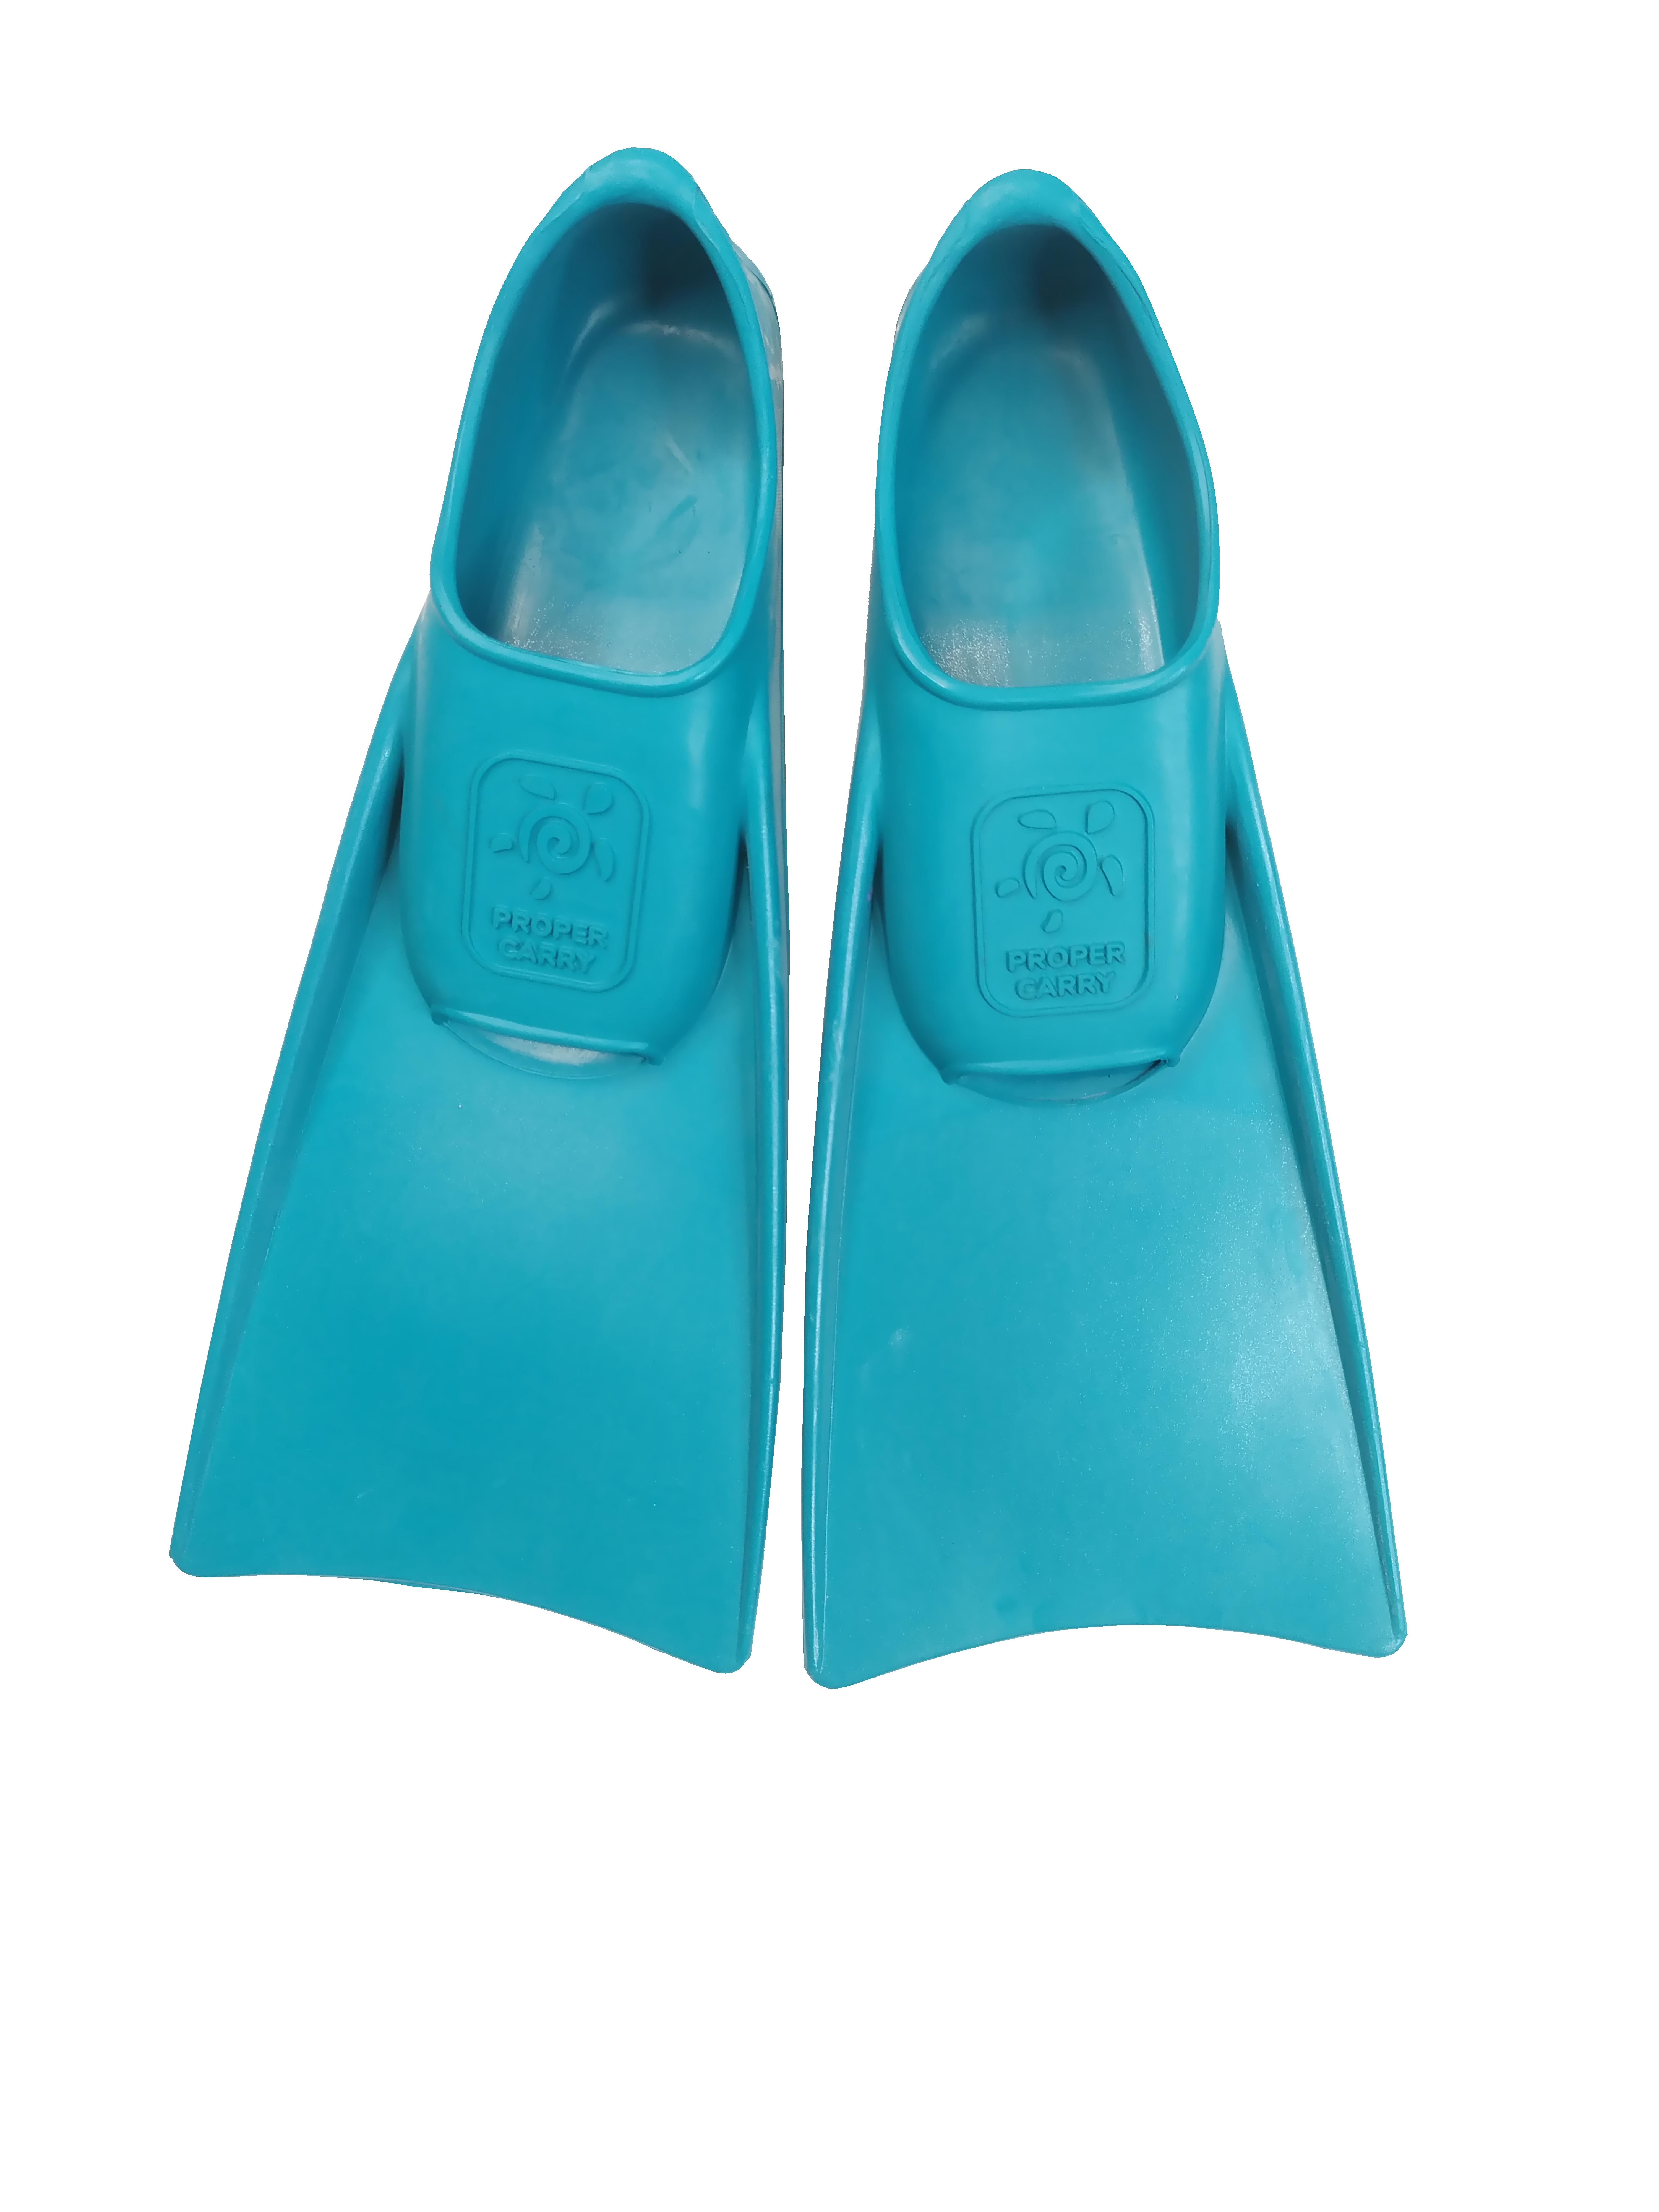 Грудничковые каучуковые ласты для плавания ProperCarry Super Elastic очень маленькие размеры 21-22, 23-24, 25-26, 27-28, 29-30, - фото 2